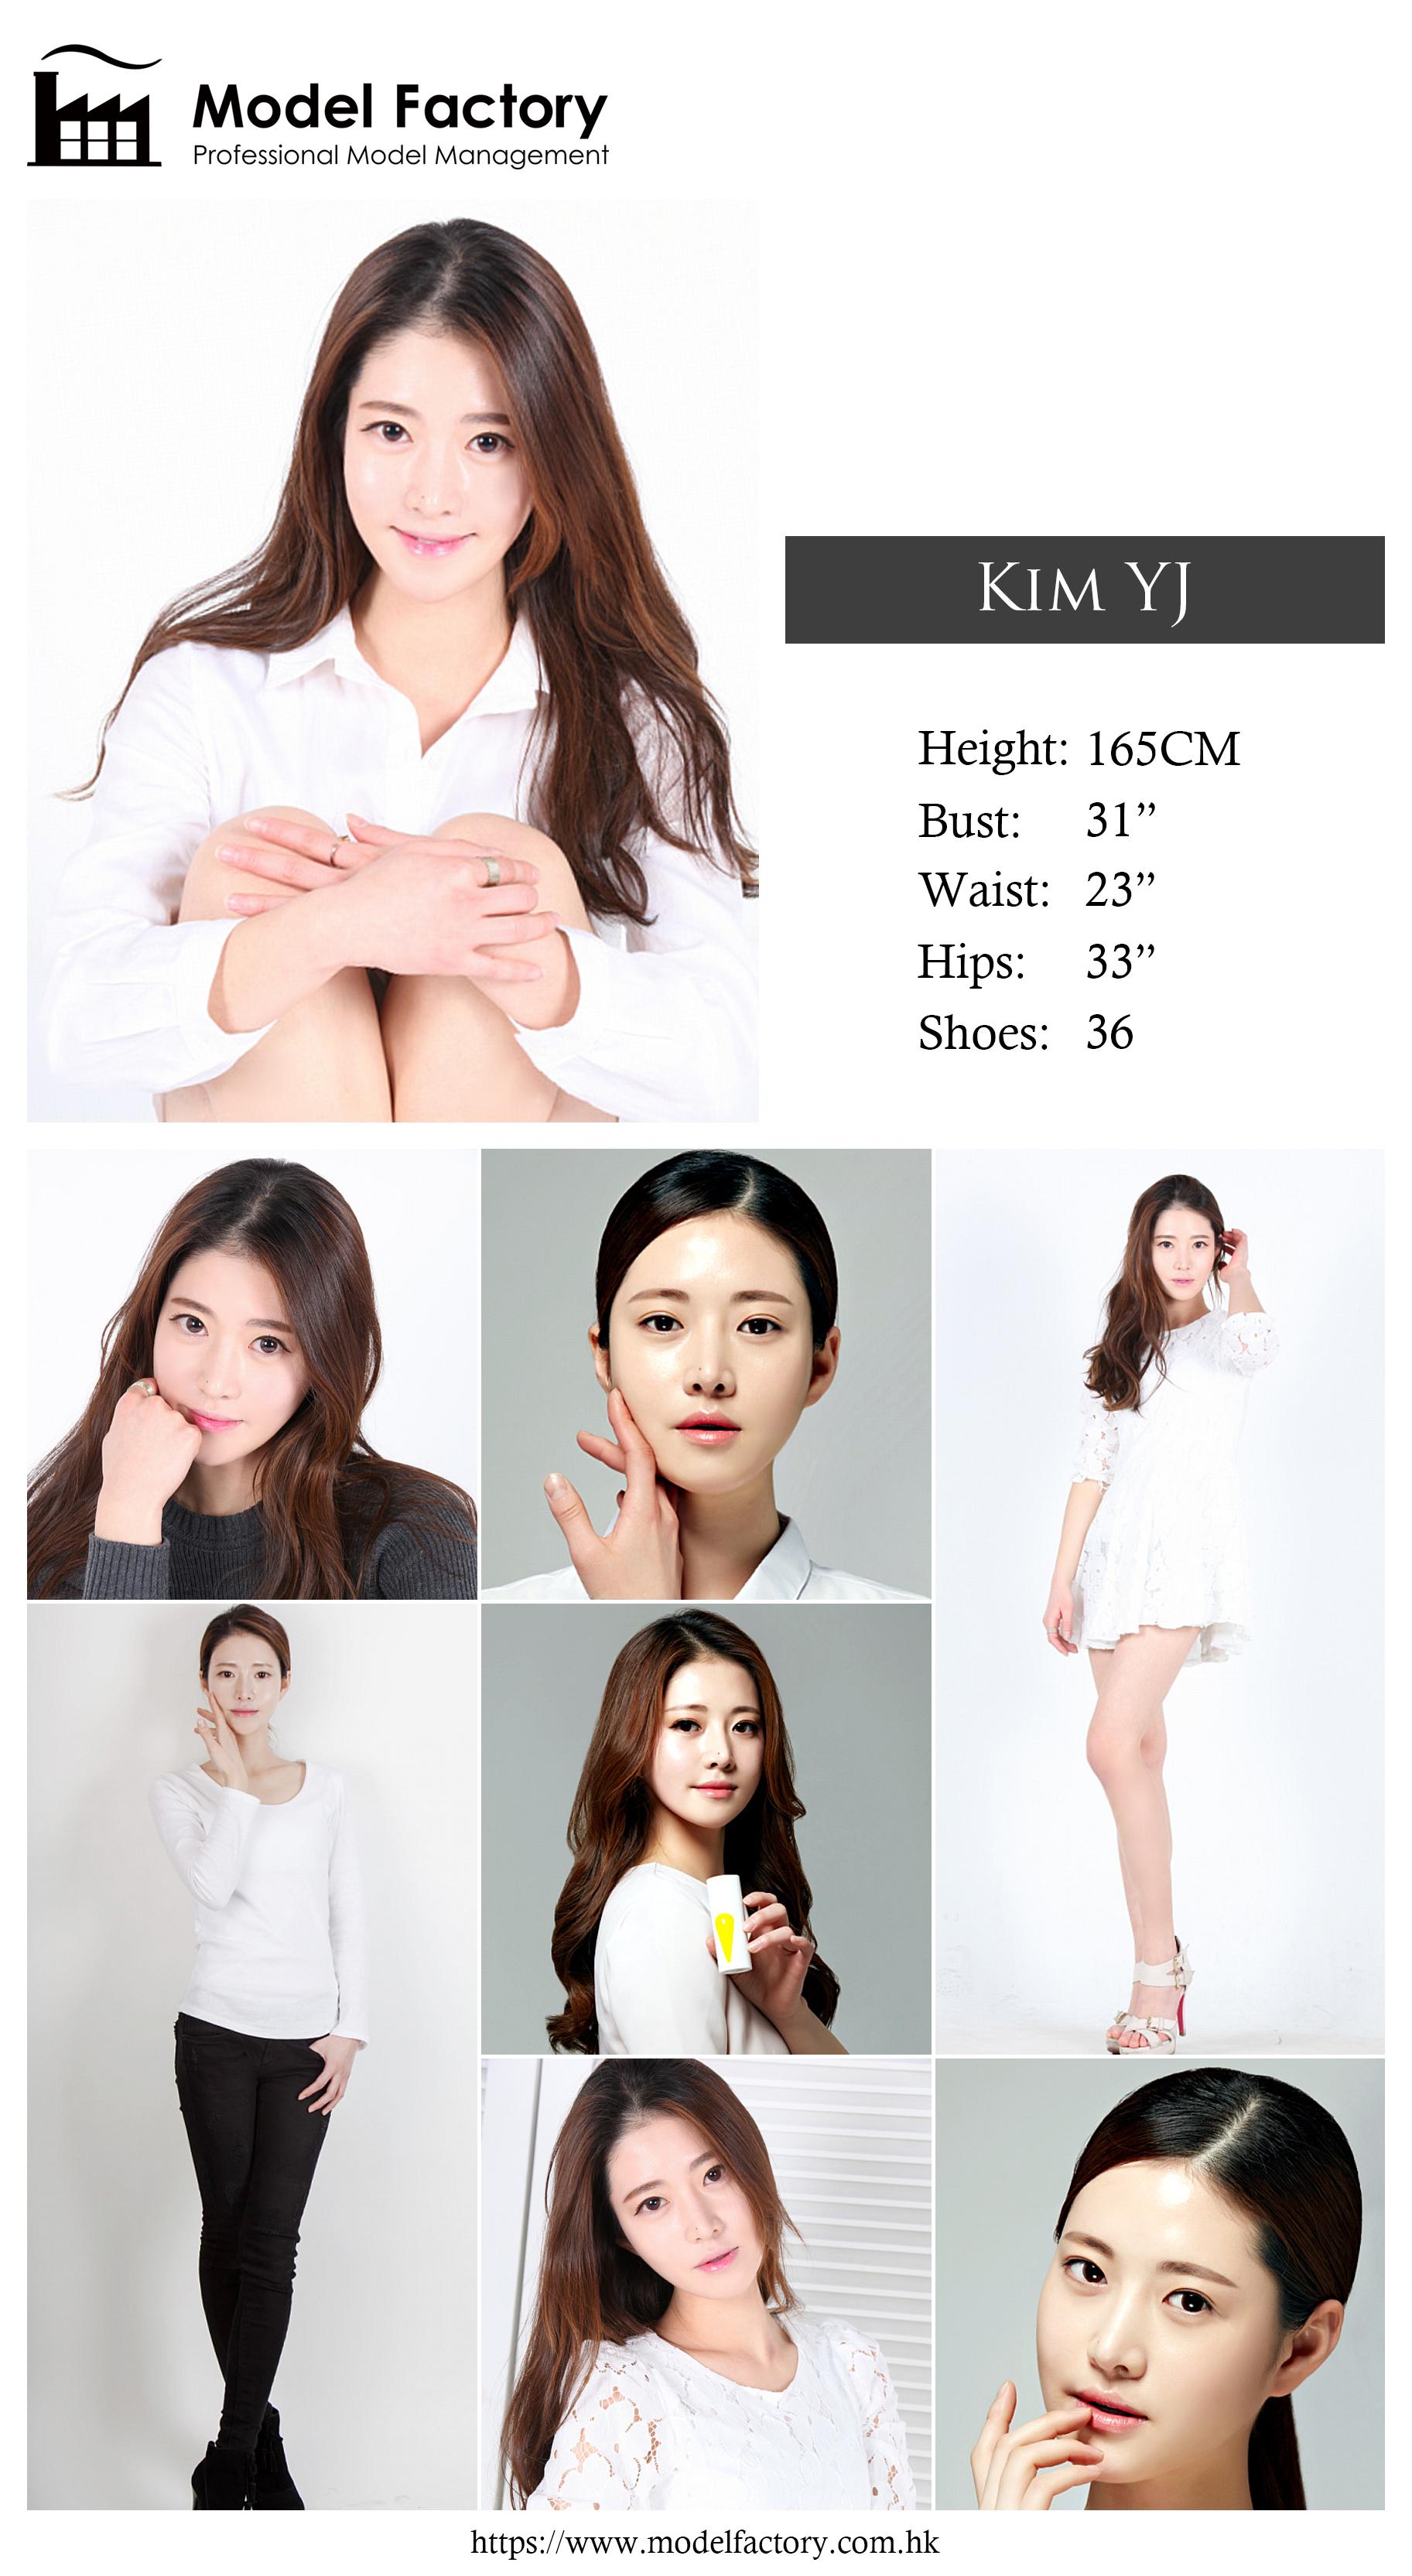 Model Factory Korean Female Model KimYJ